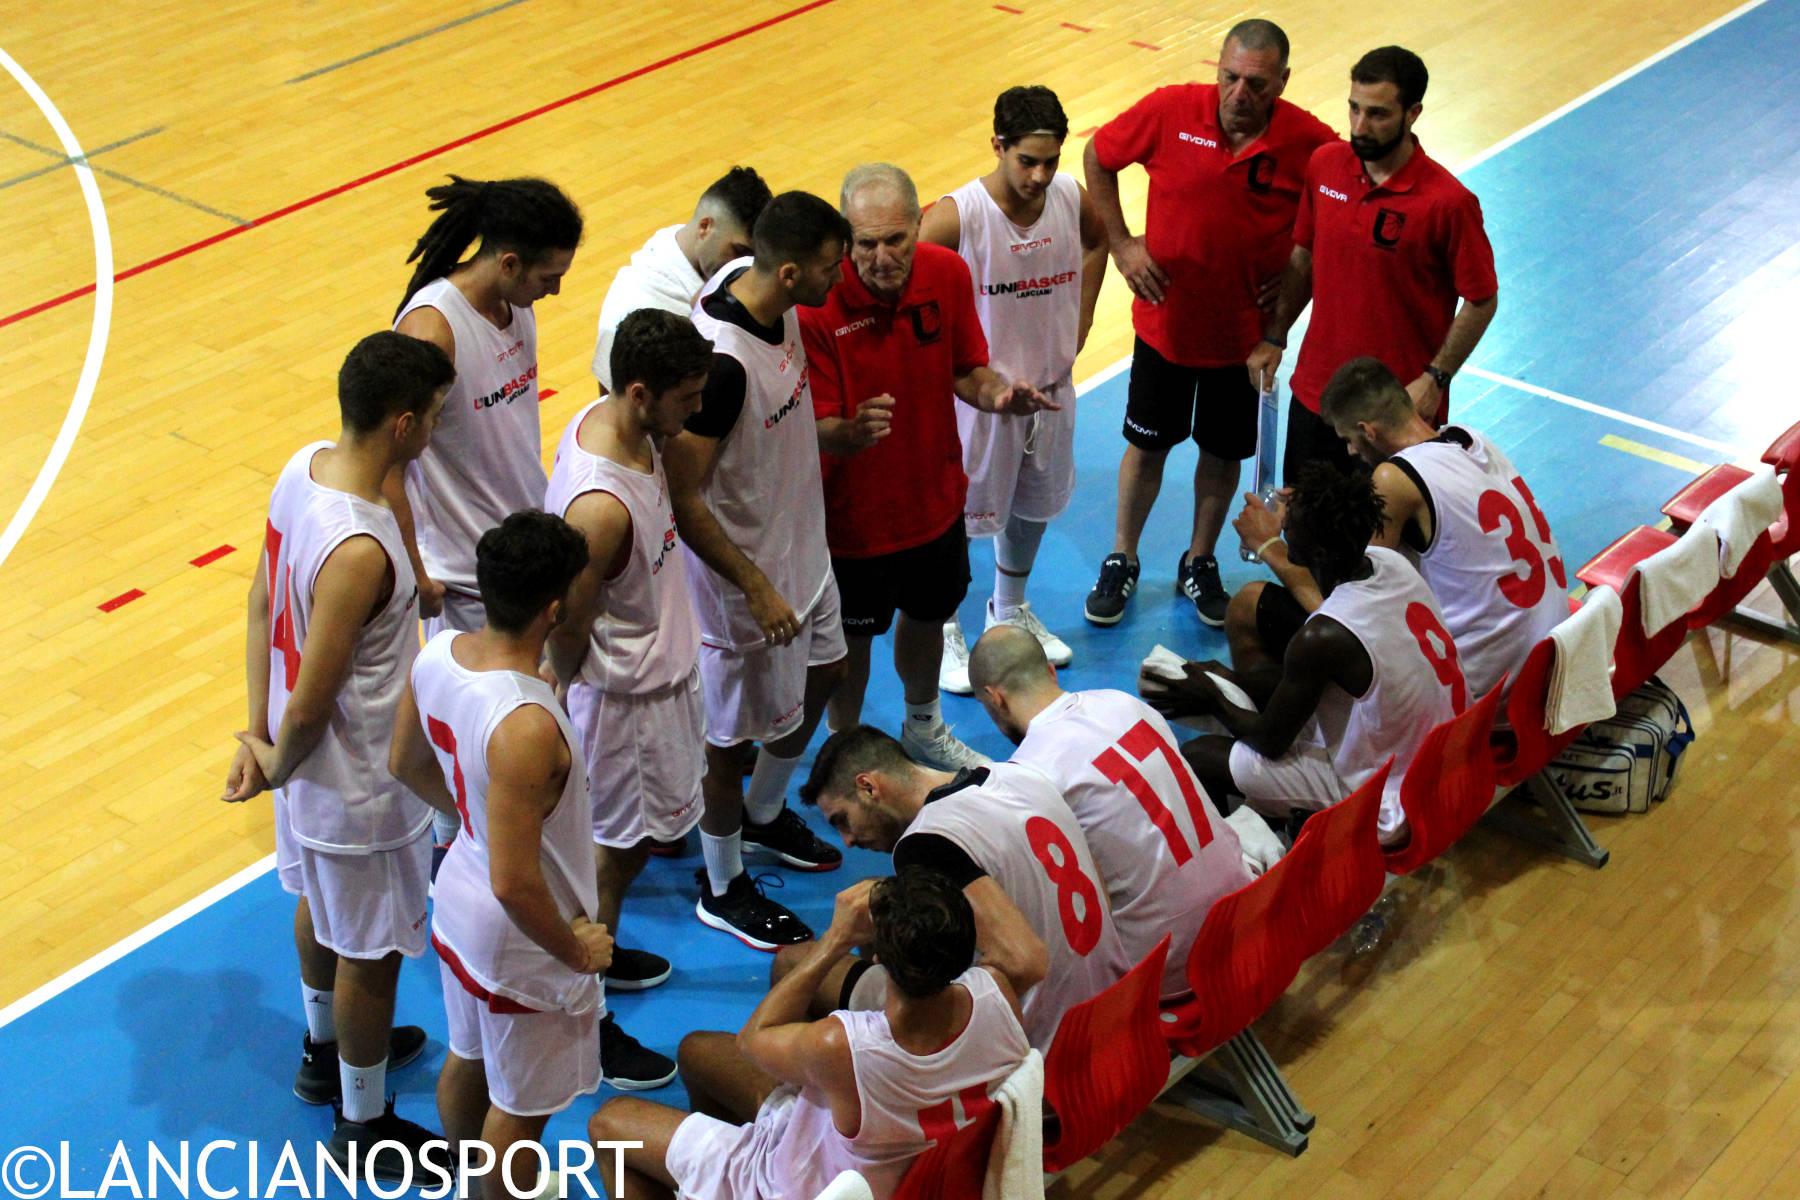 Sabato ultima amichevole precampionato dell'Unibasket